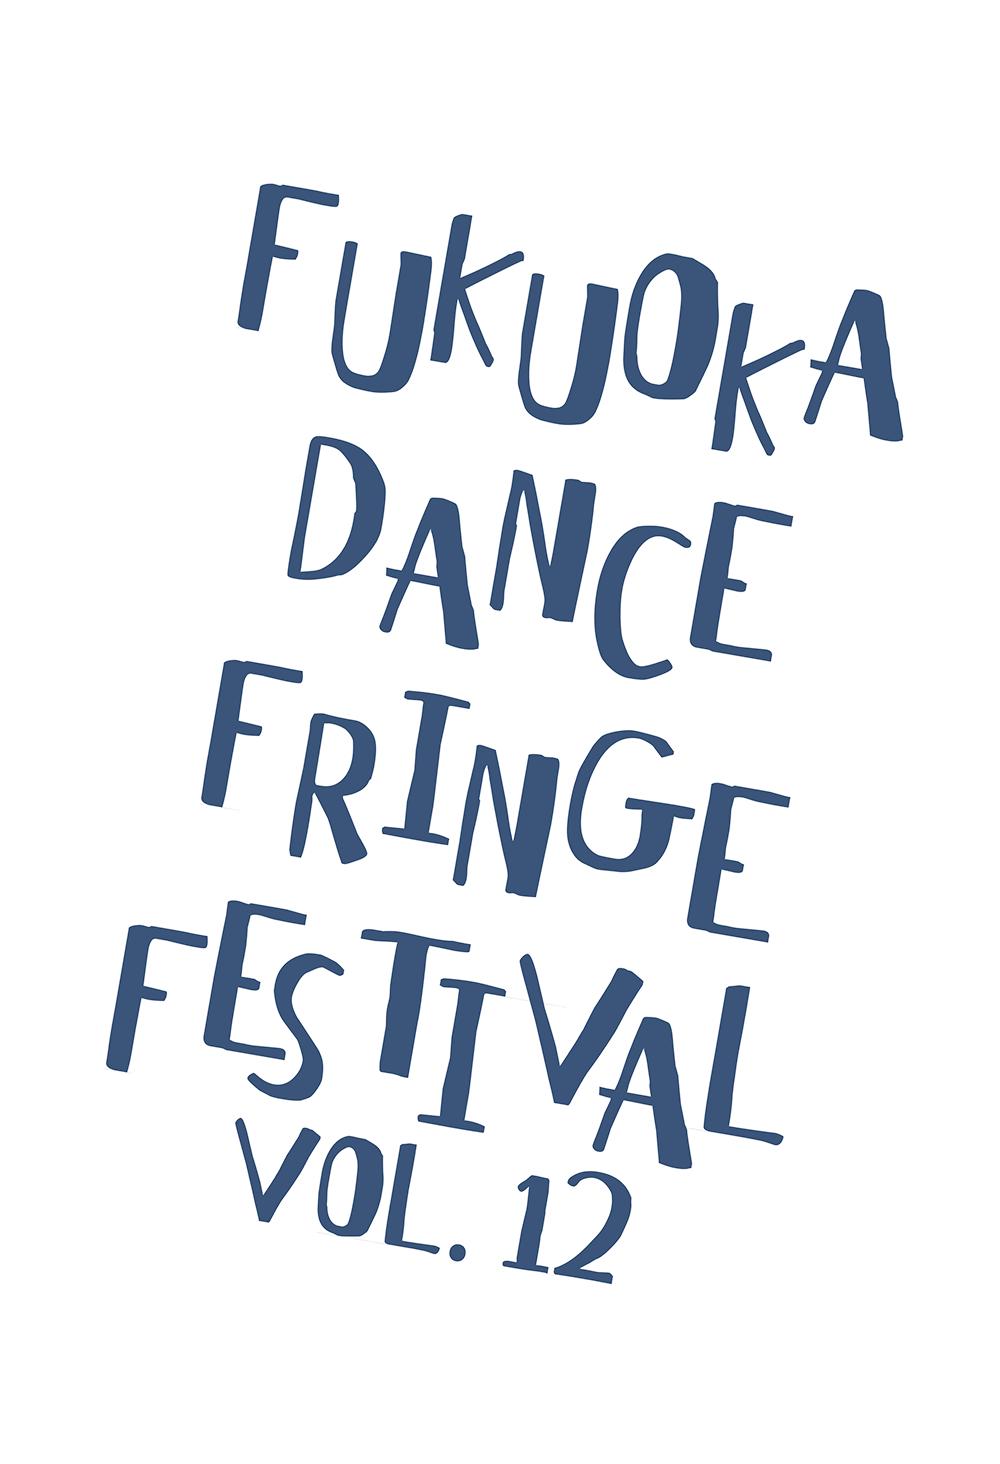 福岡 ダンス フリンジフェスティバル vol.12